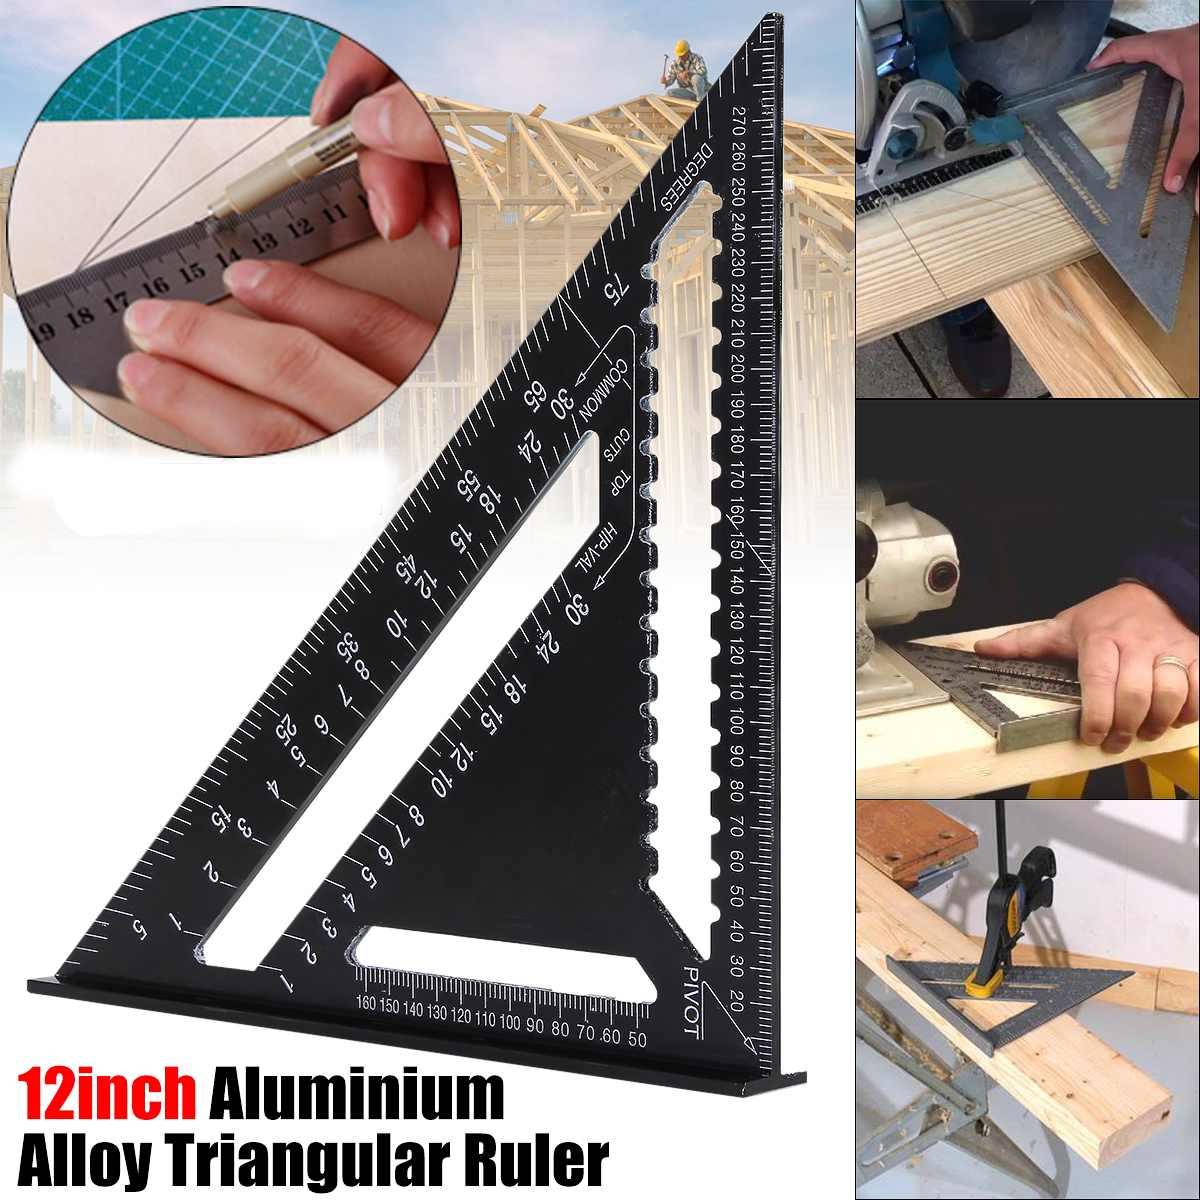 Carrés métriques de règle de Triangle d'alliage d'aluminium de place de vitesse de 12 pouces pour l'outil de mesure outils métriques de travail du bois de rapporteur d'angle